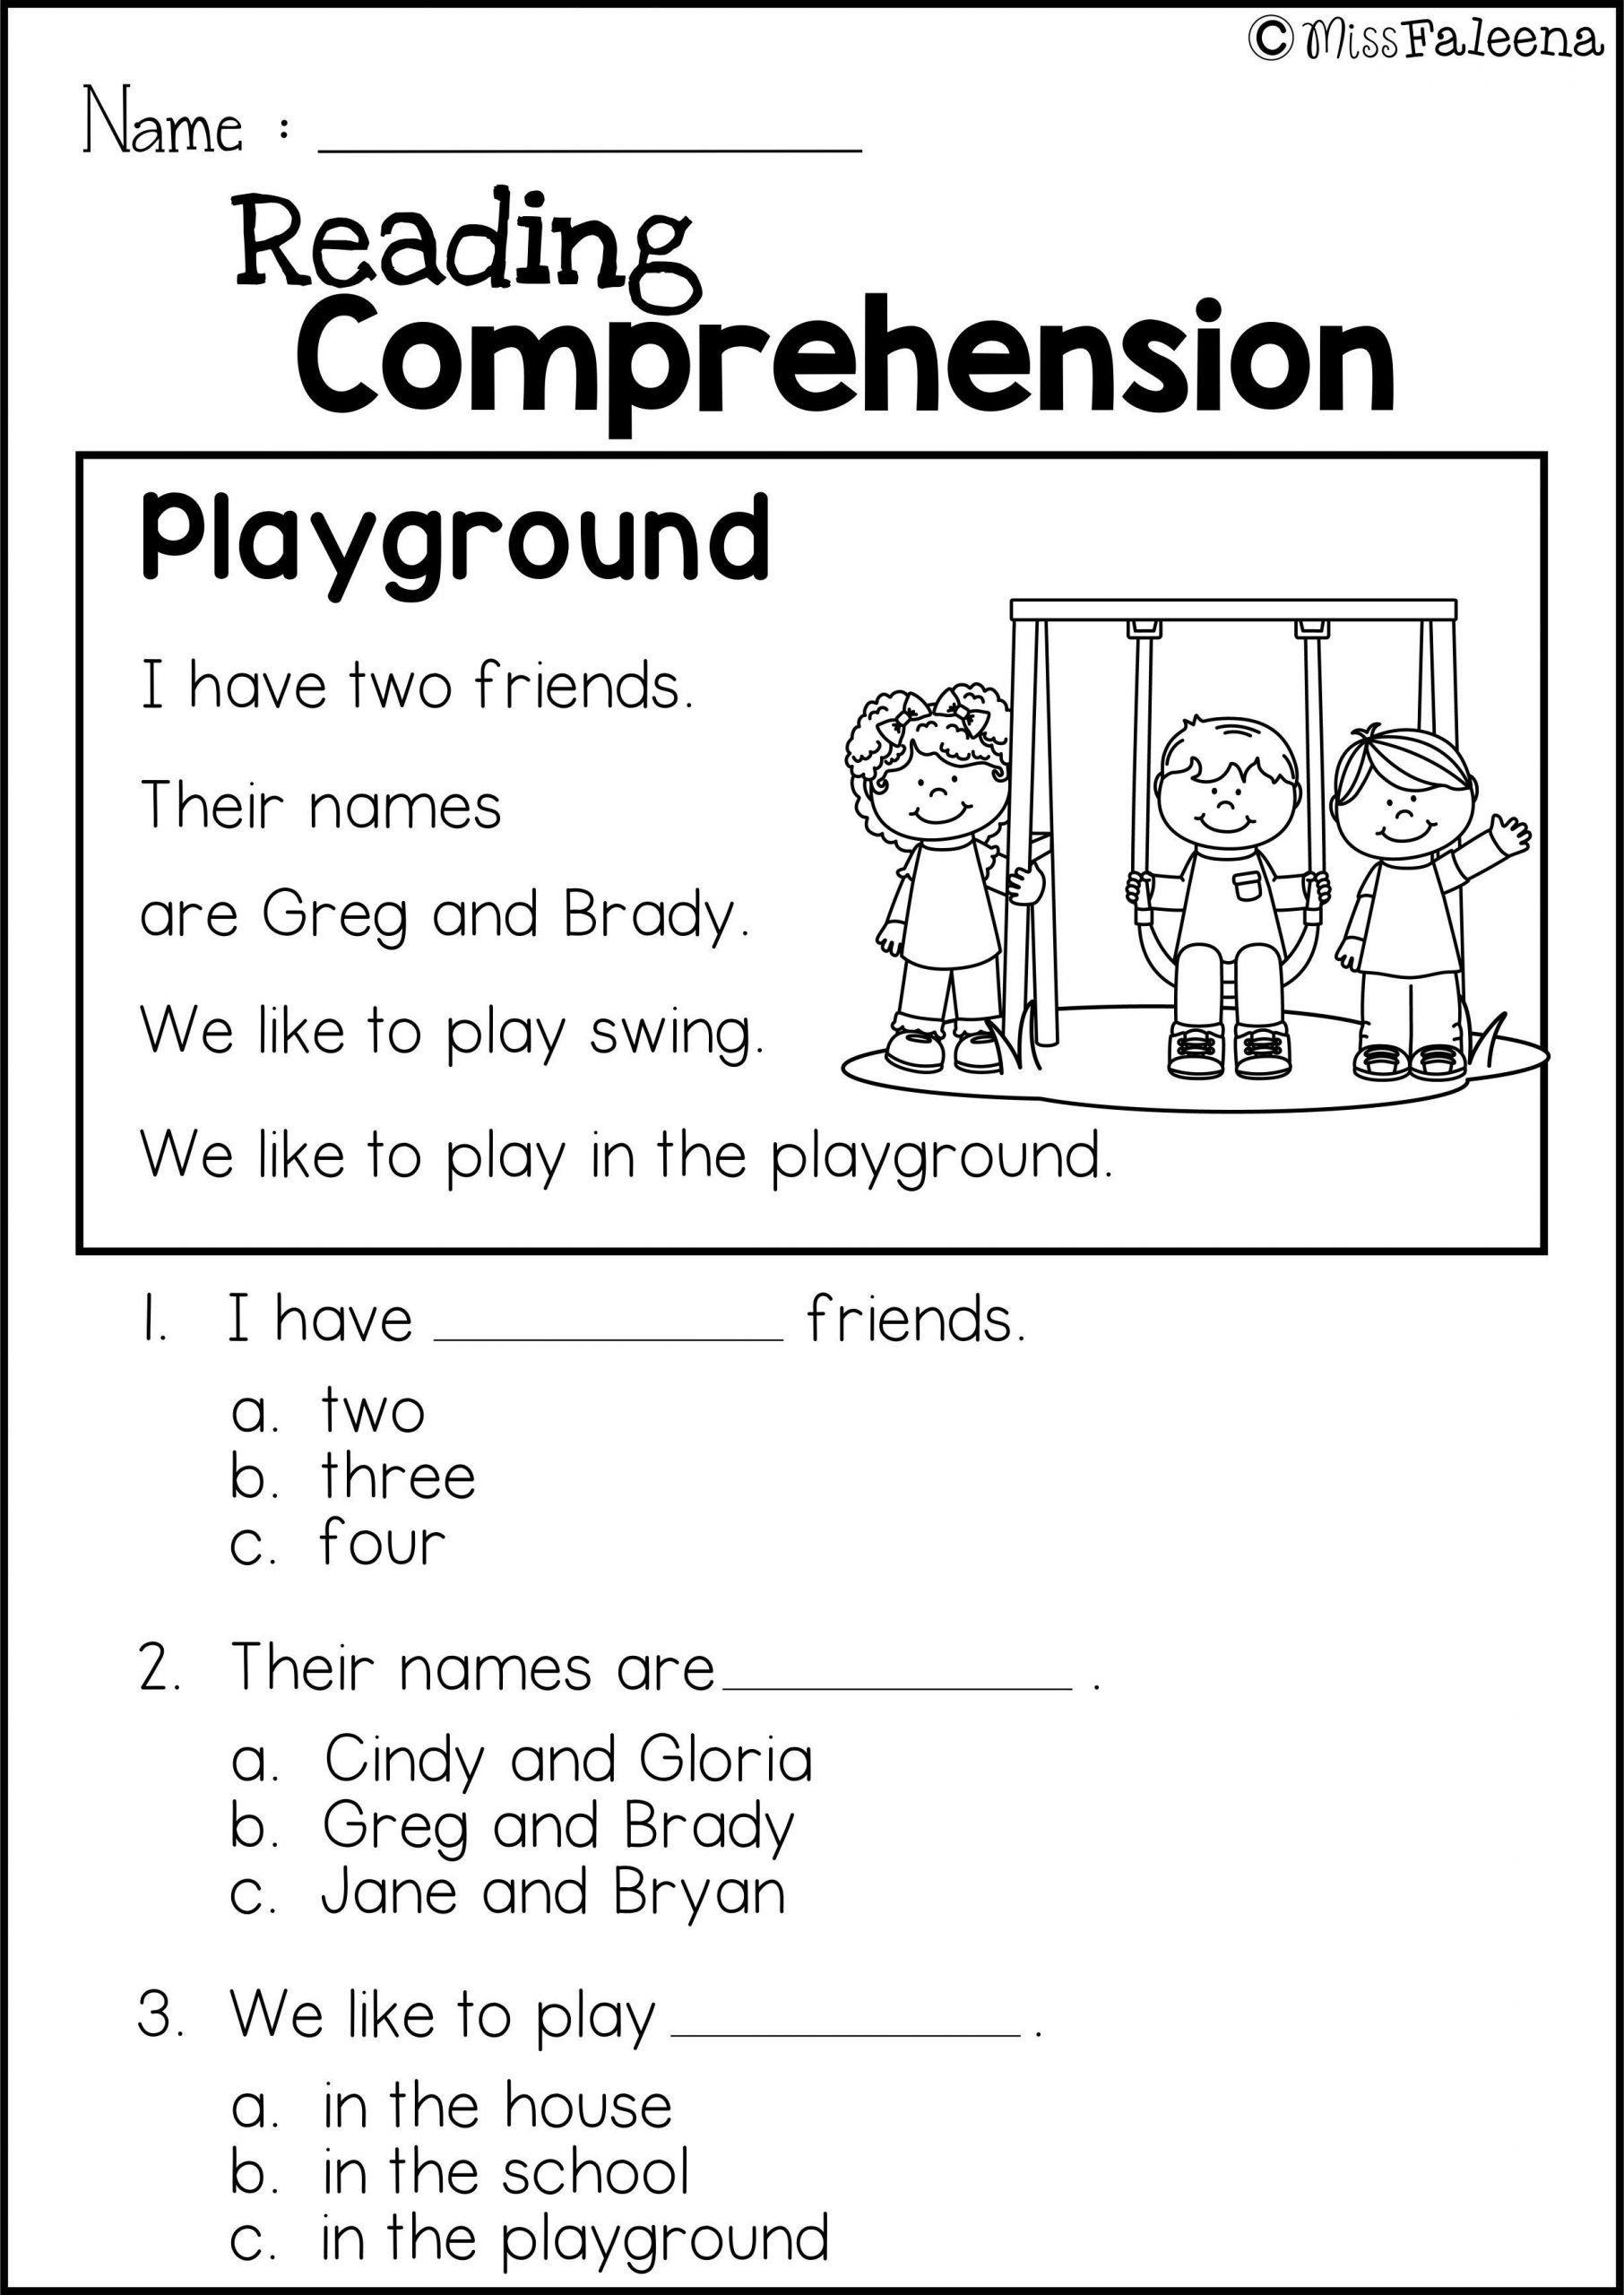 Reading Comprehension Kindergarten Worksheets Free Free